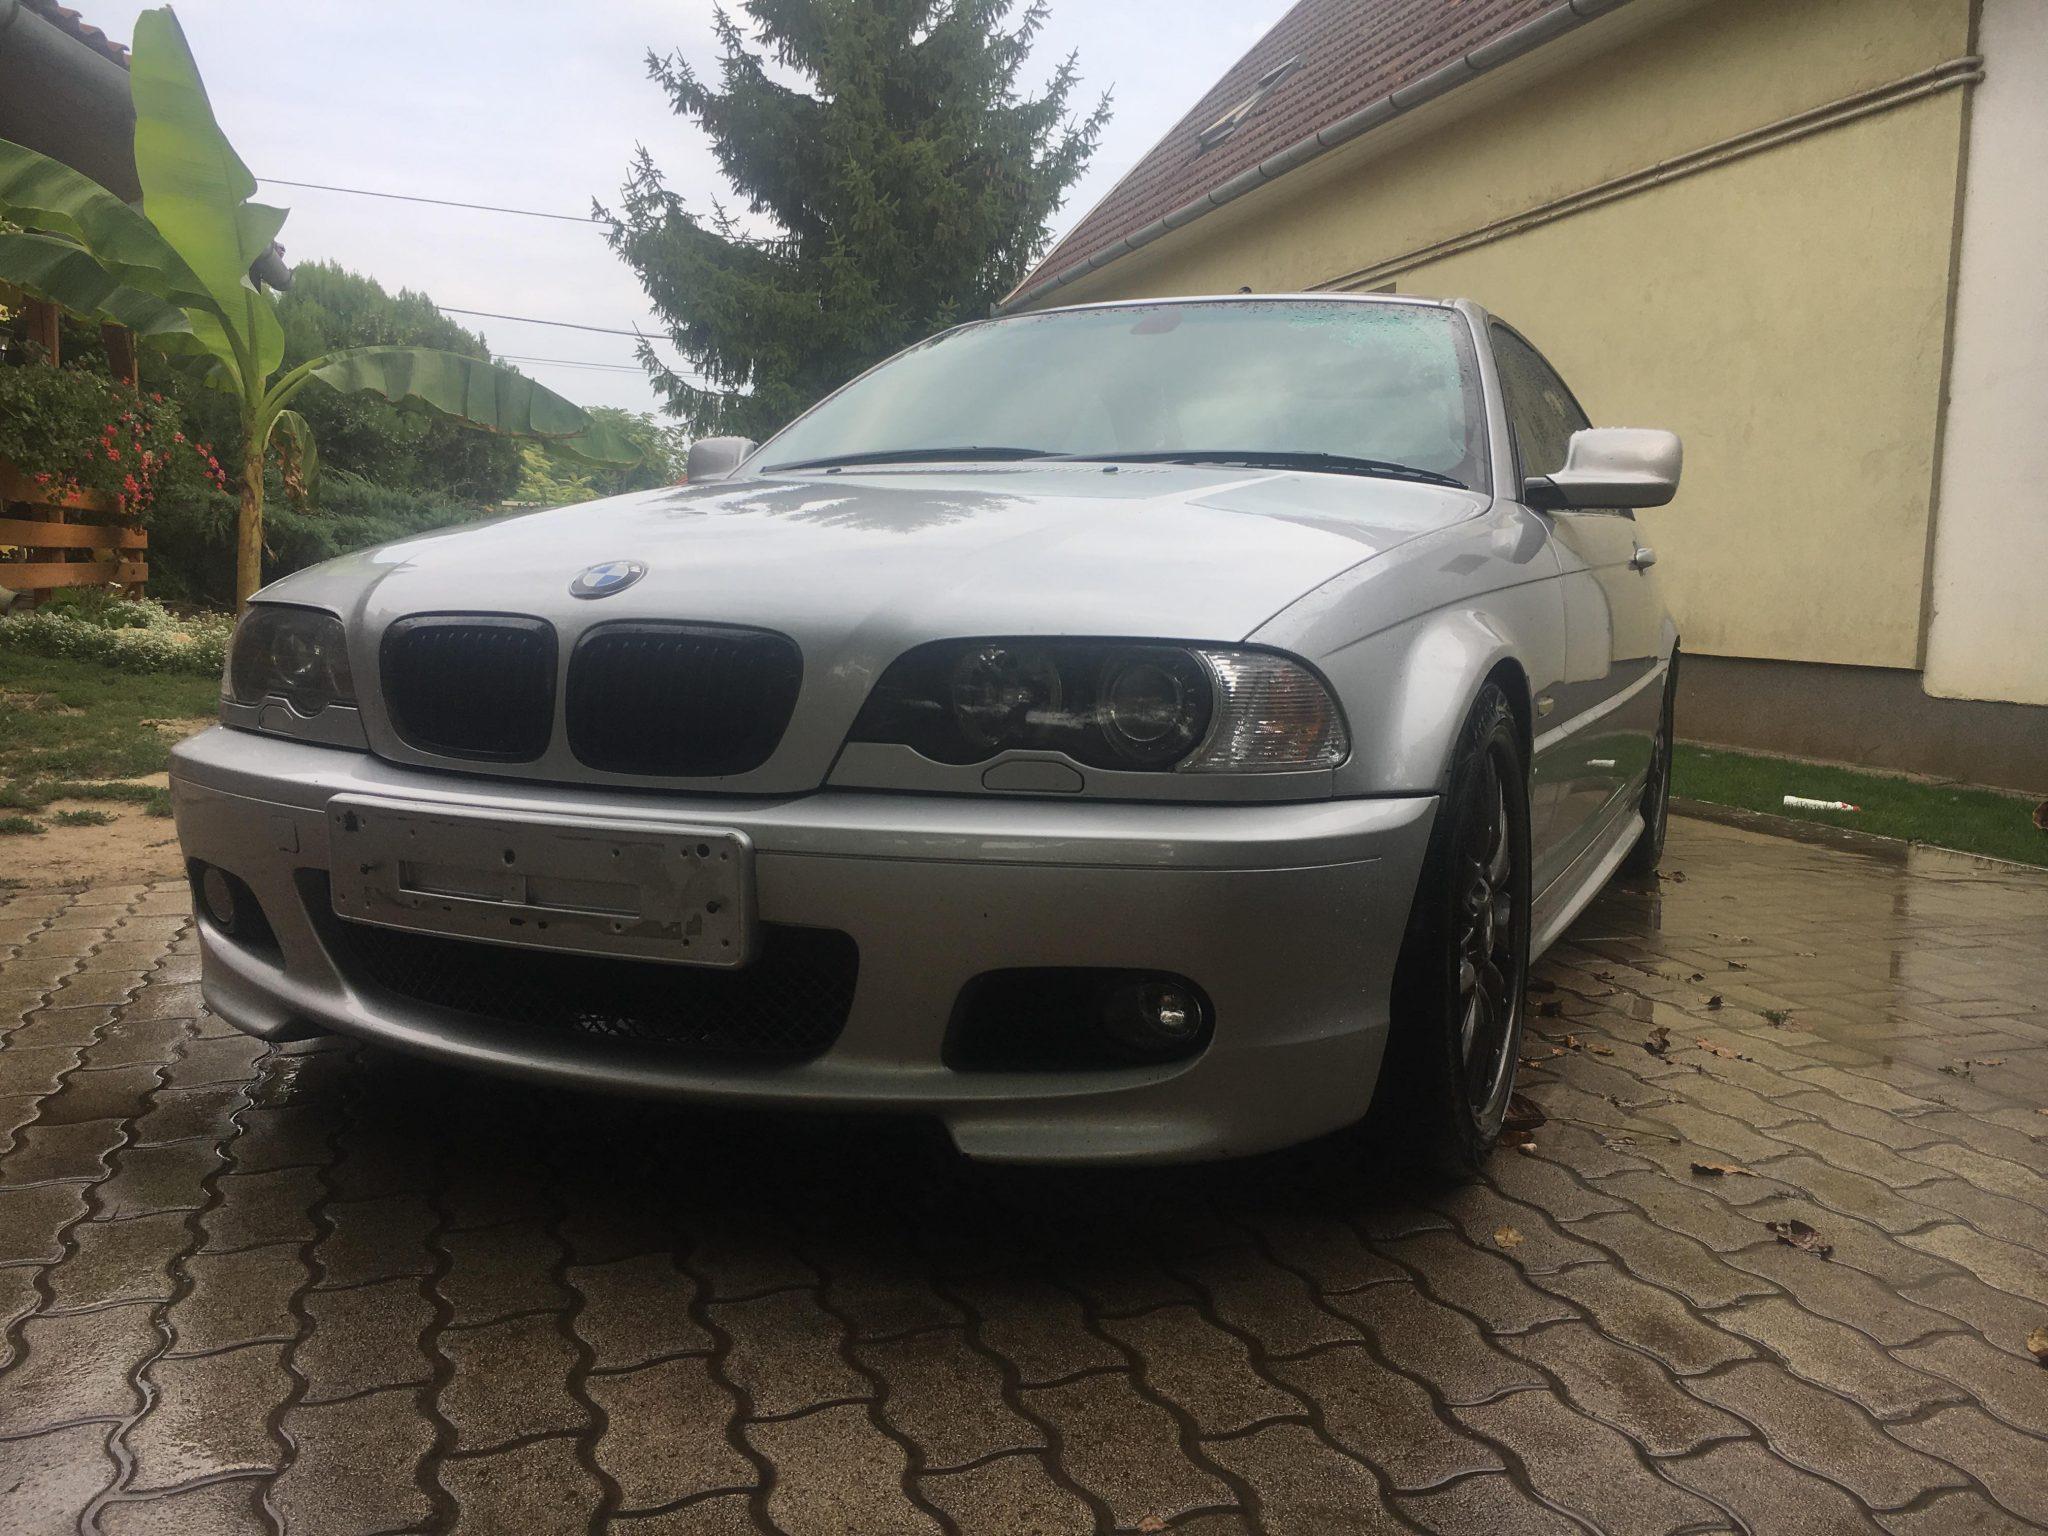 BMW E46 330ci alkatrészek Carbon Car Center Kft Békéscsaba-6